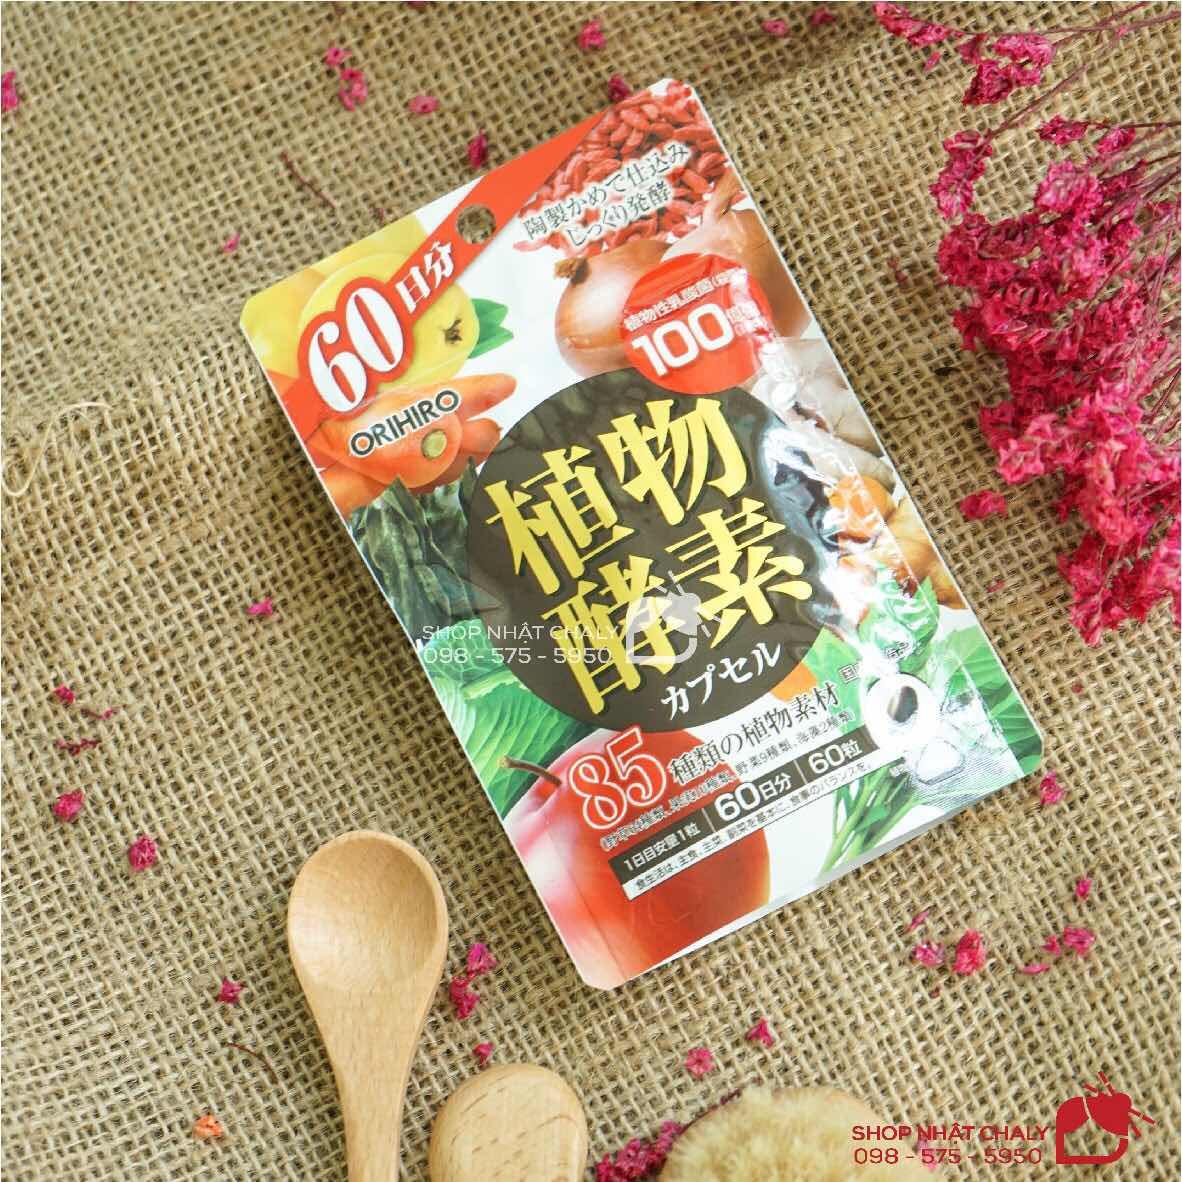 Viên rau củ Orihiro dang enzyme là sản phẩm bổ sung rau củ quả cao cấp, rất được ưa chuộng tại Nhật nhờ thành phần ưu tú